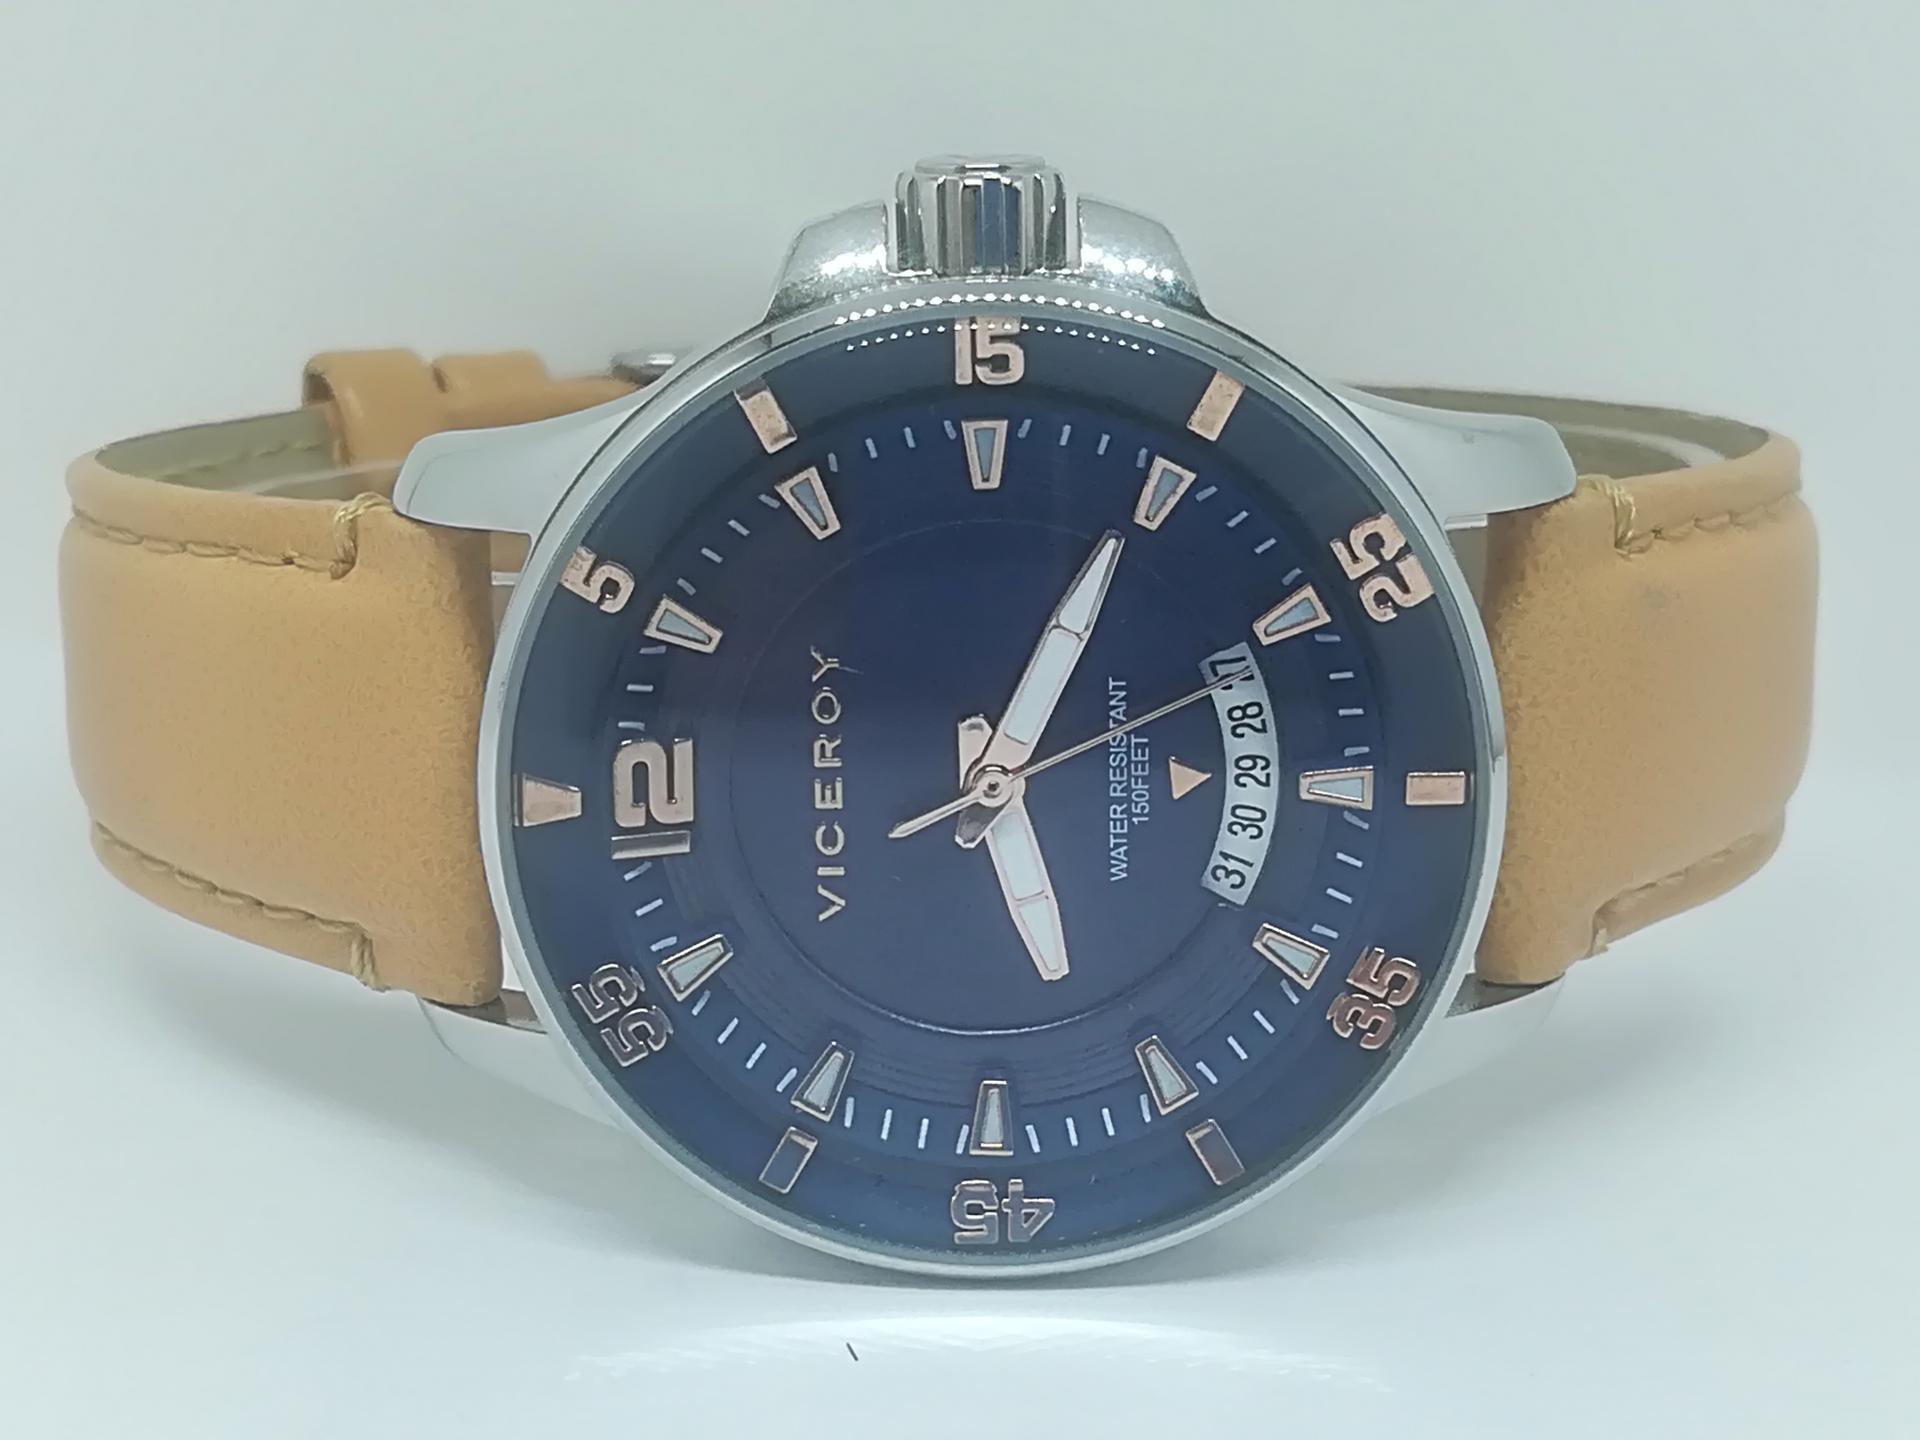 Reloj De La Última Colección VICEROY MUJER Con Correa Piel 42216-35 ¡Llévatelo!